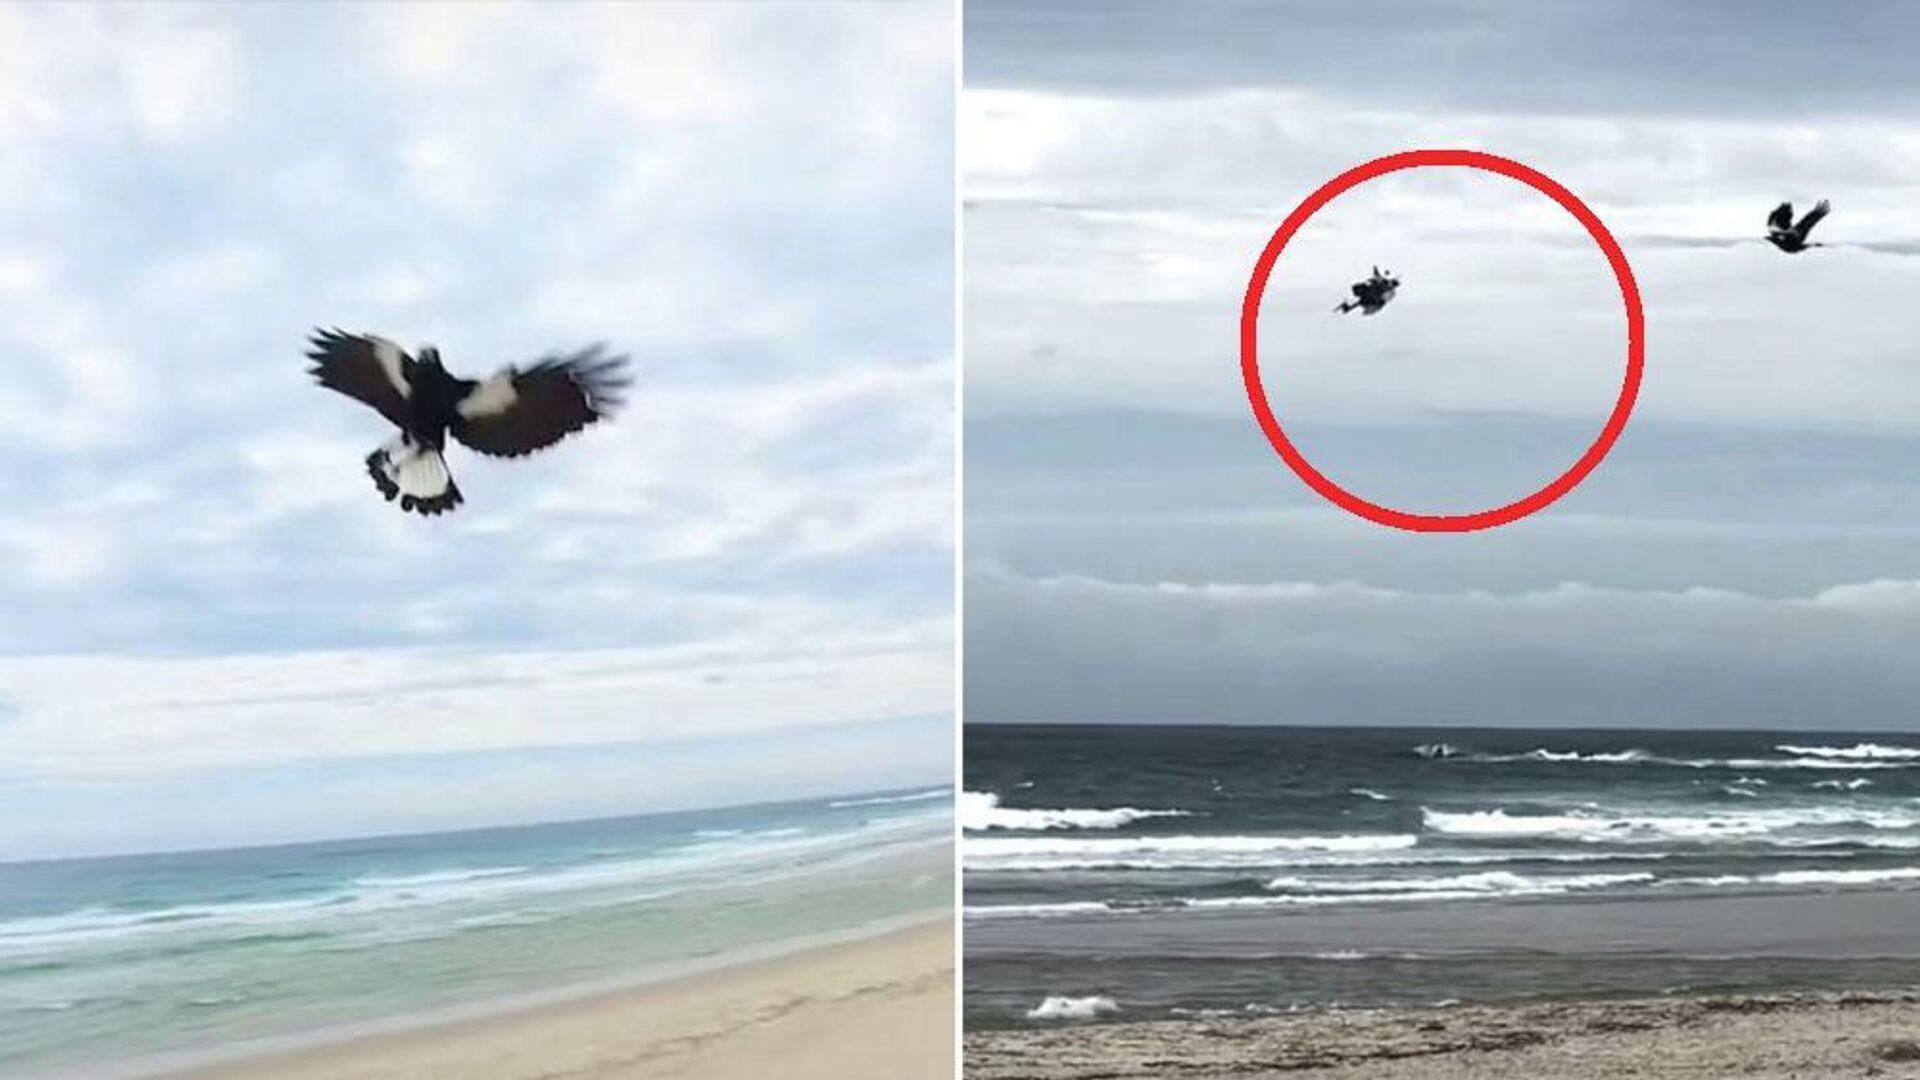 Εξαγριωμένη καρακάξα κυνηγάει drone στην Αυστραλία - Sputnik Ελλάδα, 1920, 12.09.2021